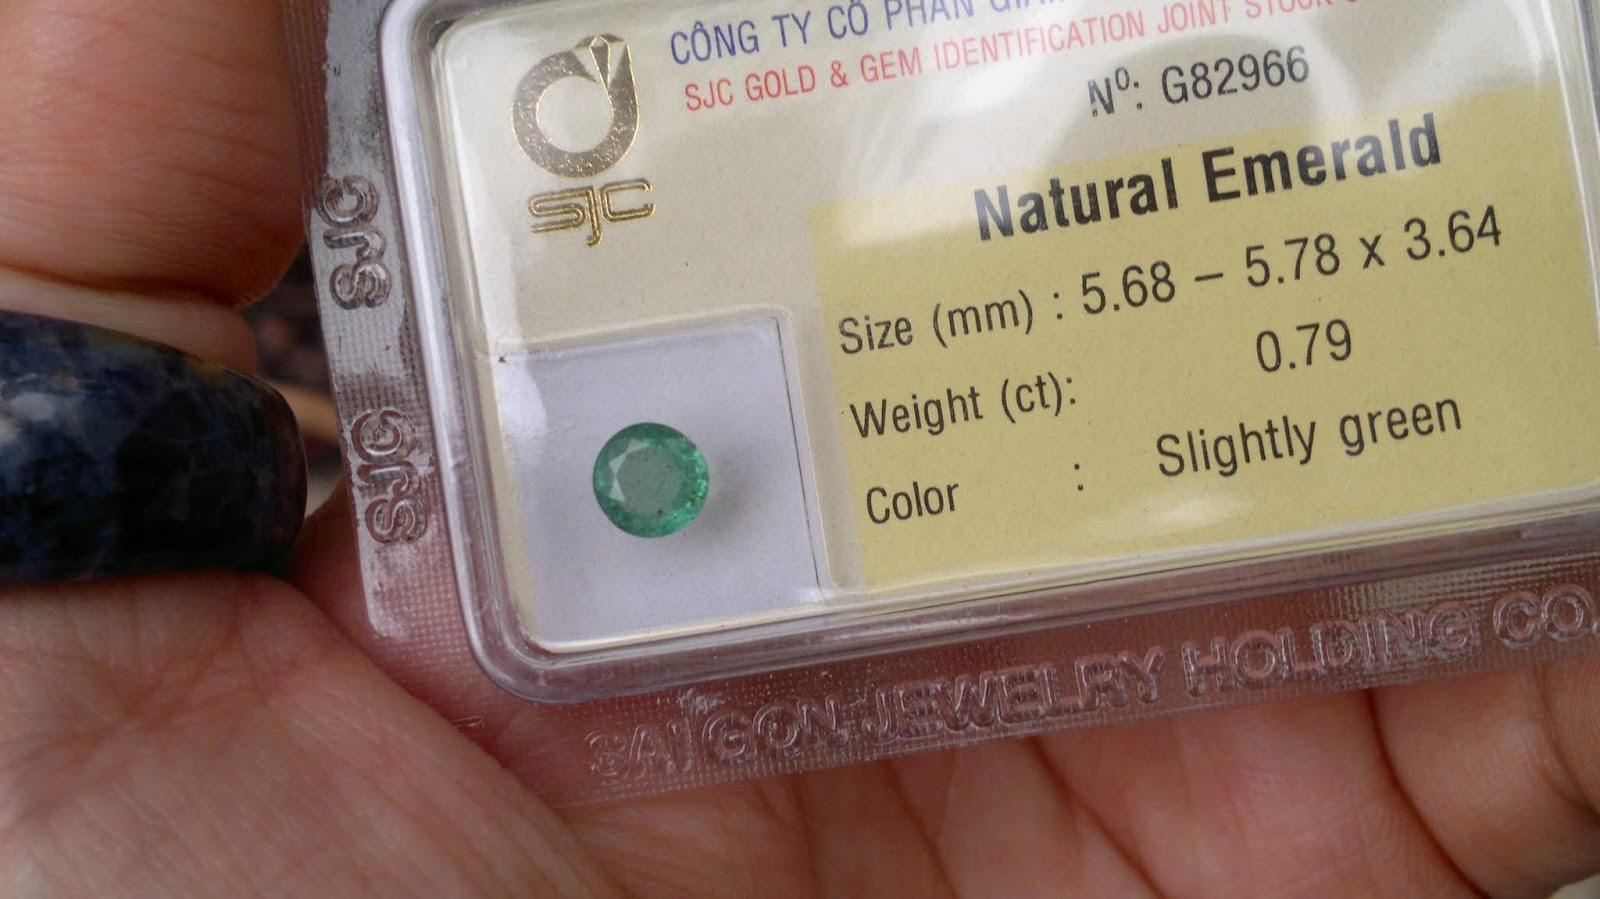 Đá quý Ngọc Lục Bảo, Natural Emerald hình tròn 5.6li 0.79ct đã kiểm định SJC